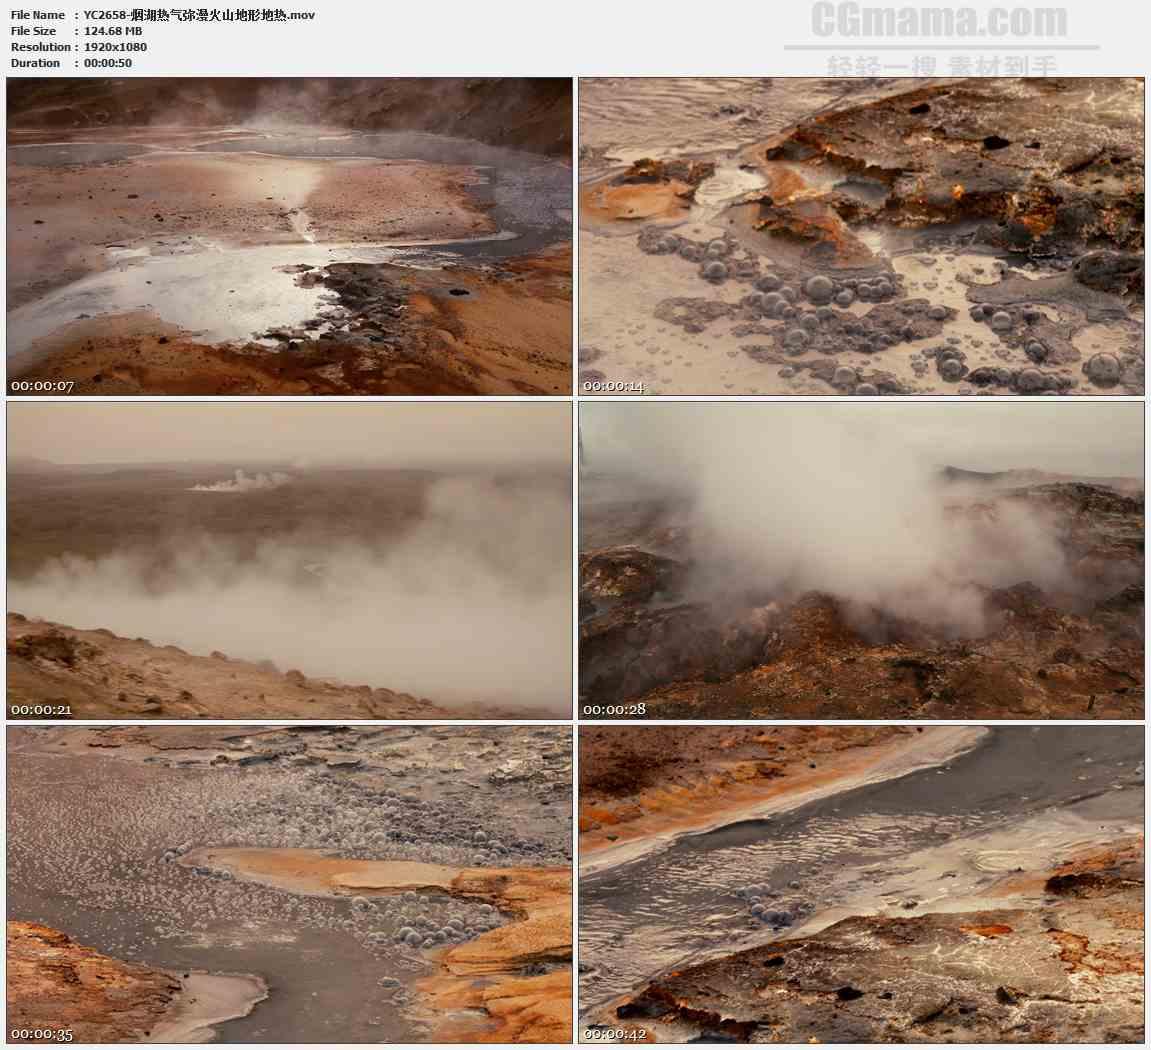 YC2658-烟湖热气弥漫火山地形地热高清实拍视频素材